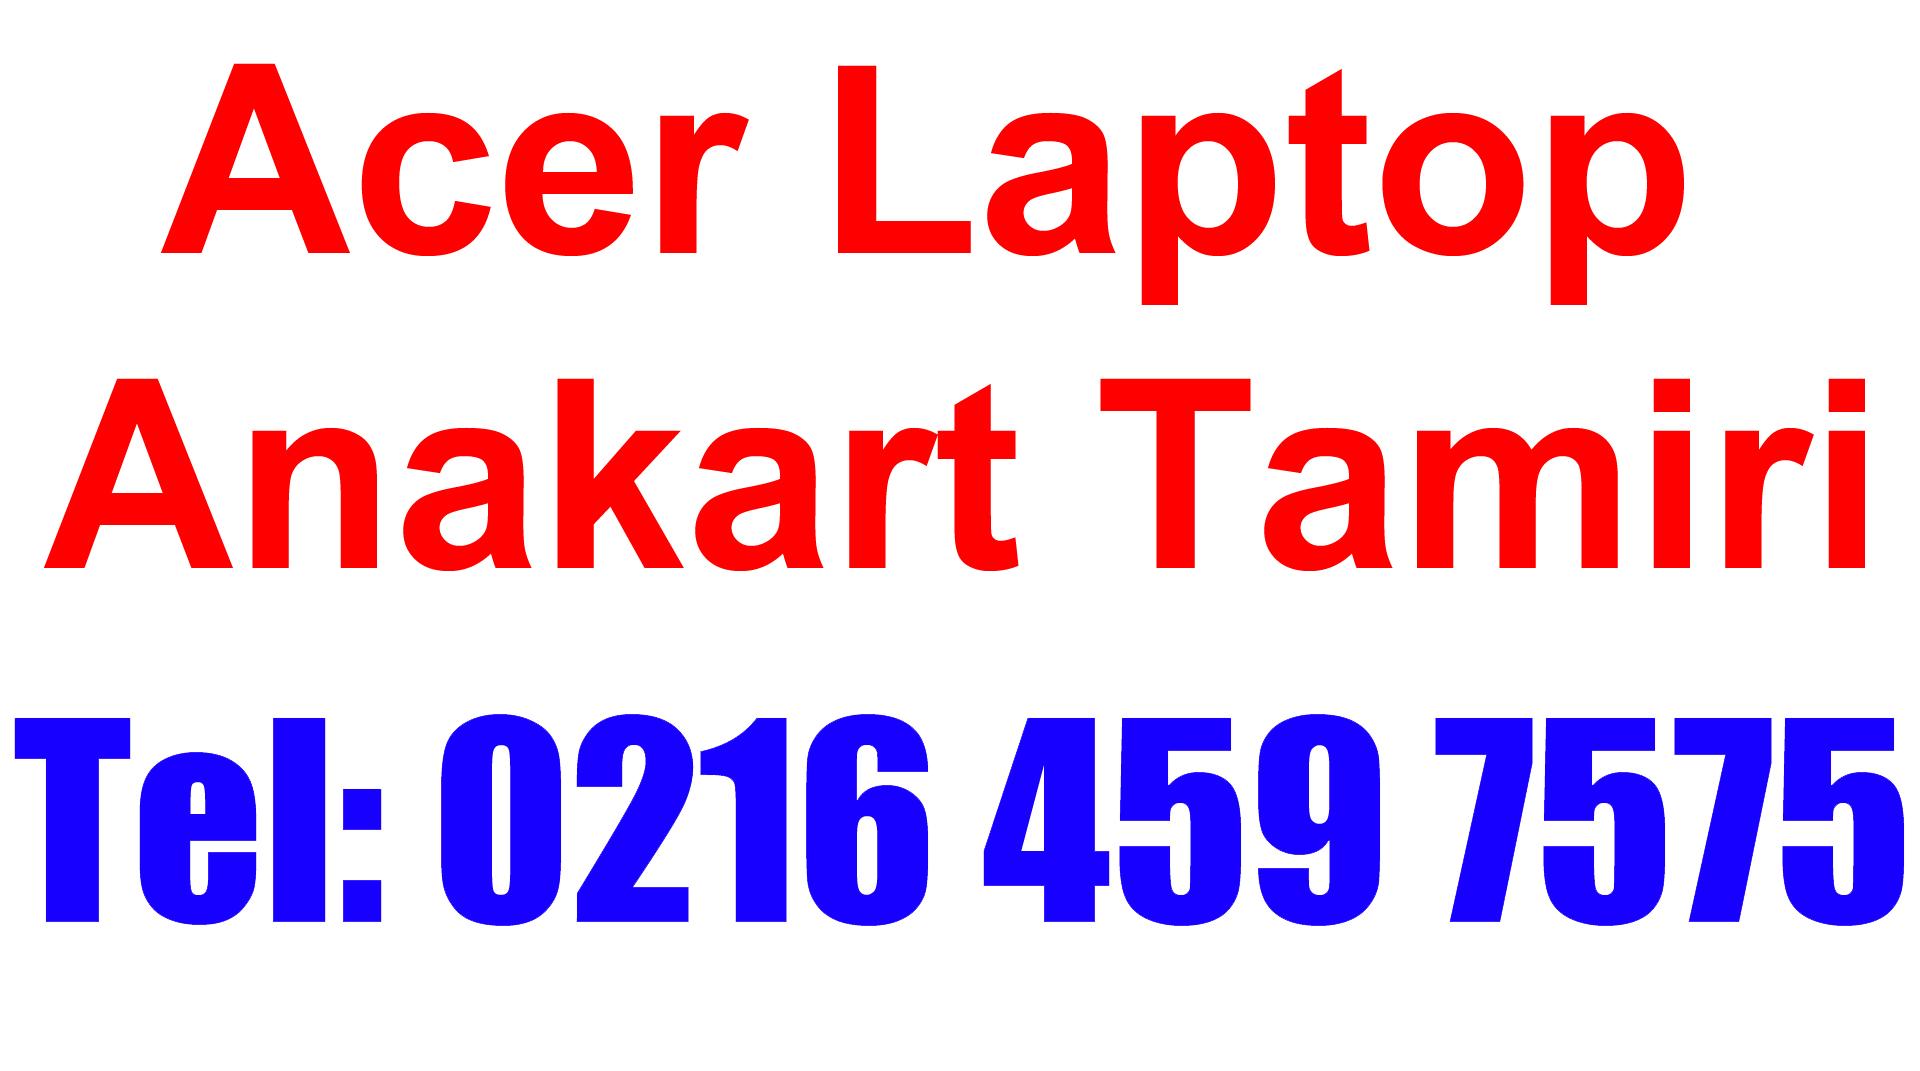 Acer Laptop Anakart Tamiri ve Değişimi